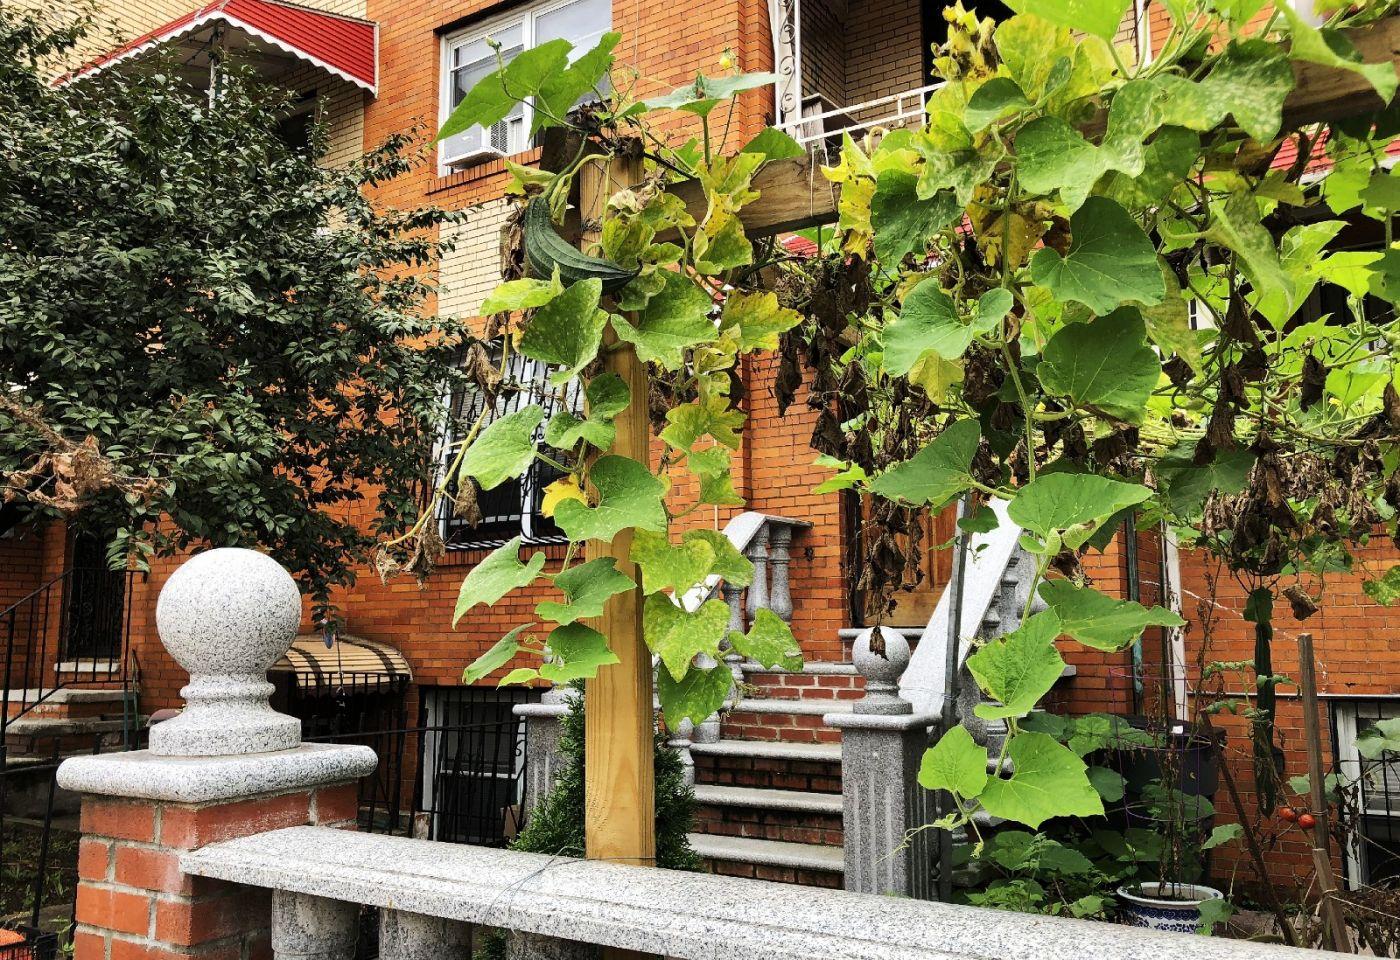 【田螺随拍】路边窗前的小菜园子_图1-27